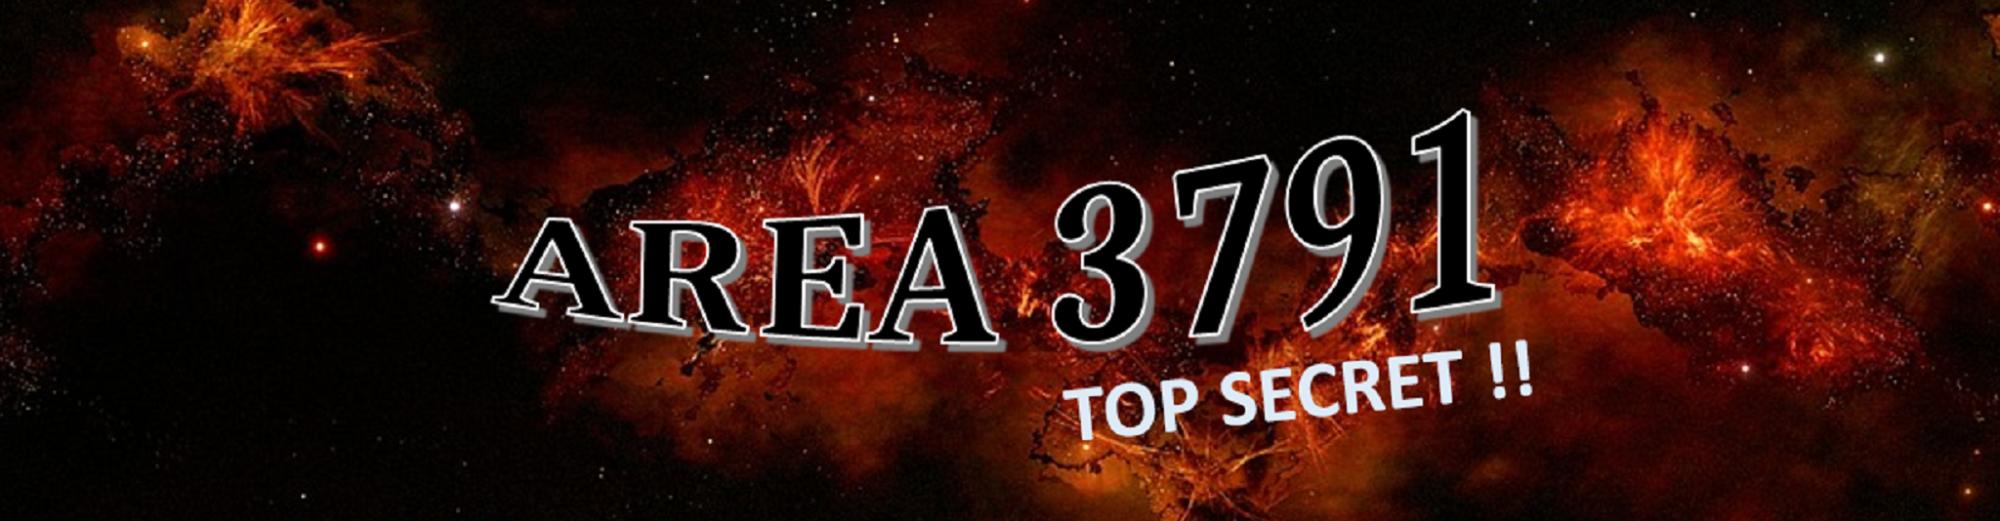 Area3791 Top-secret